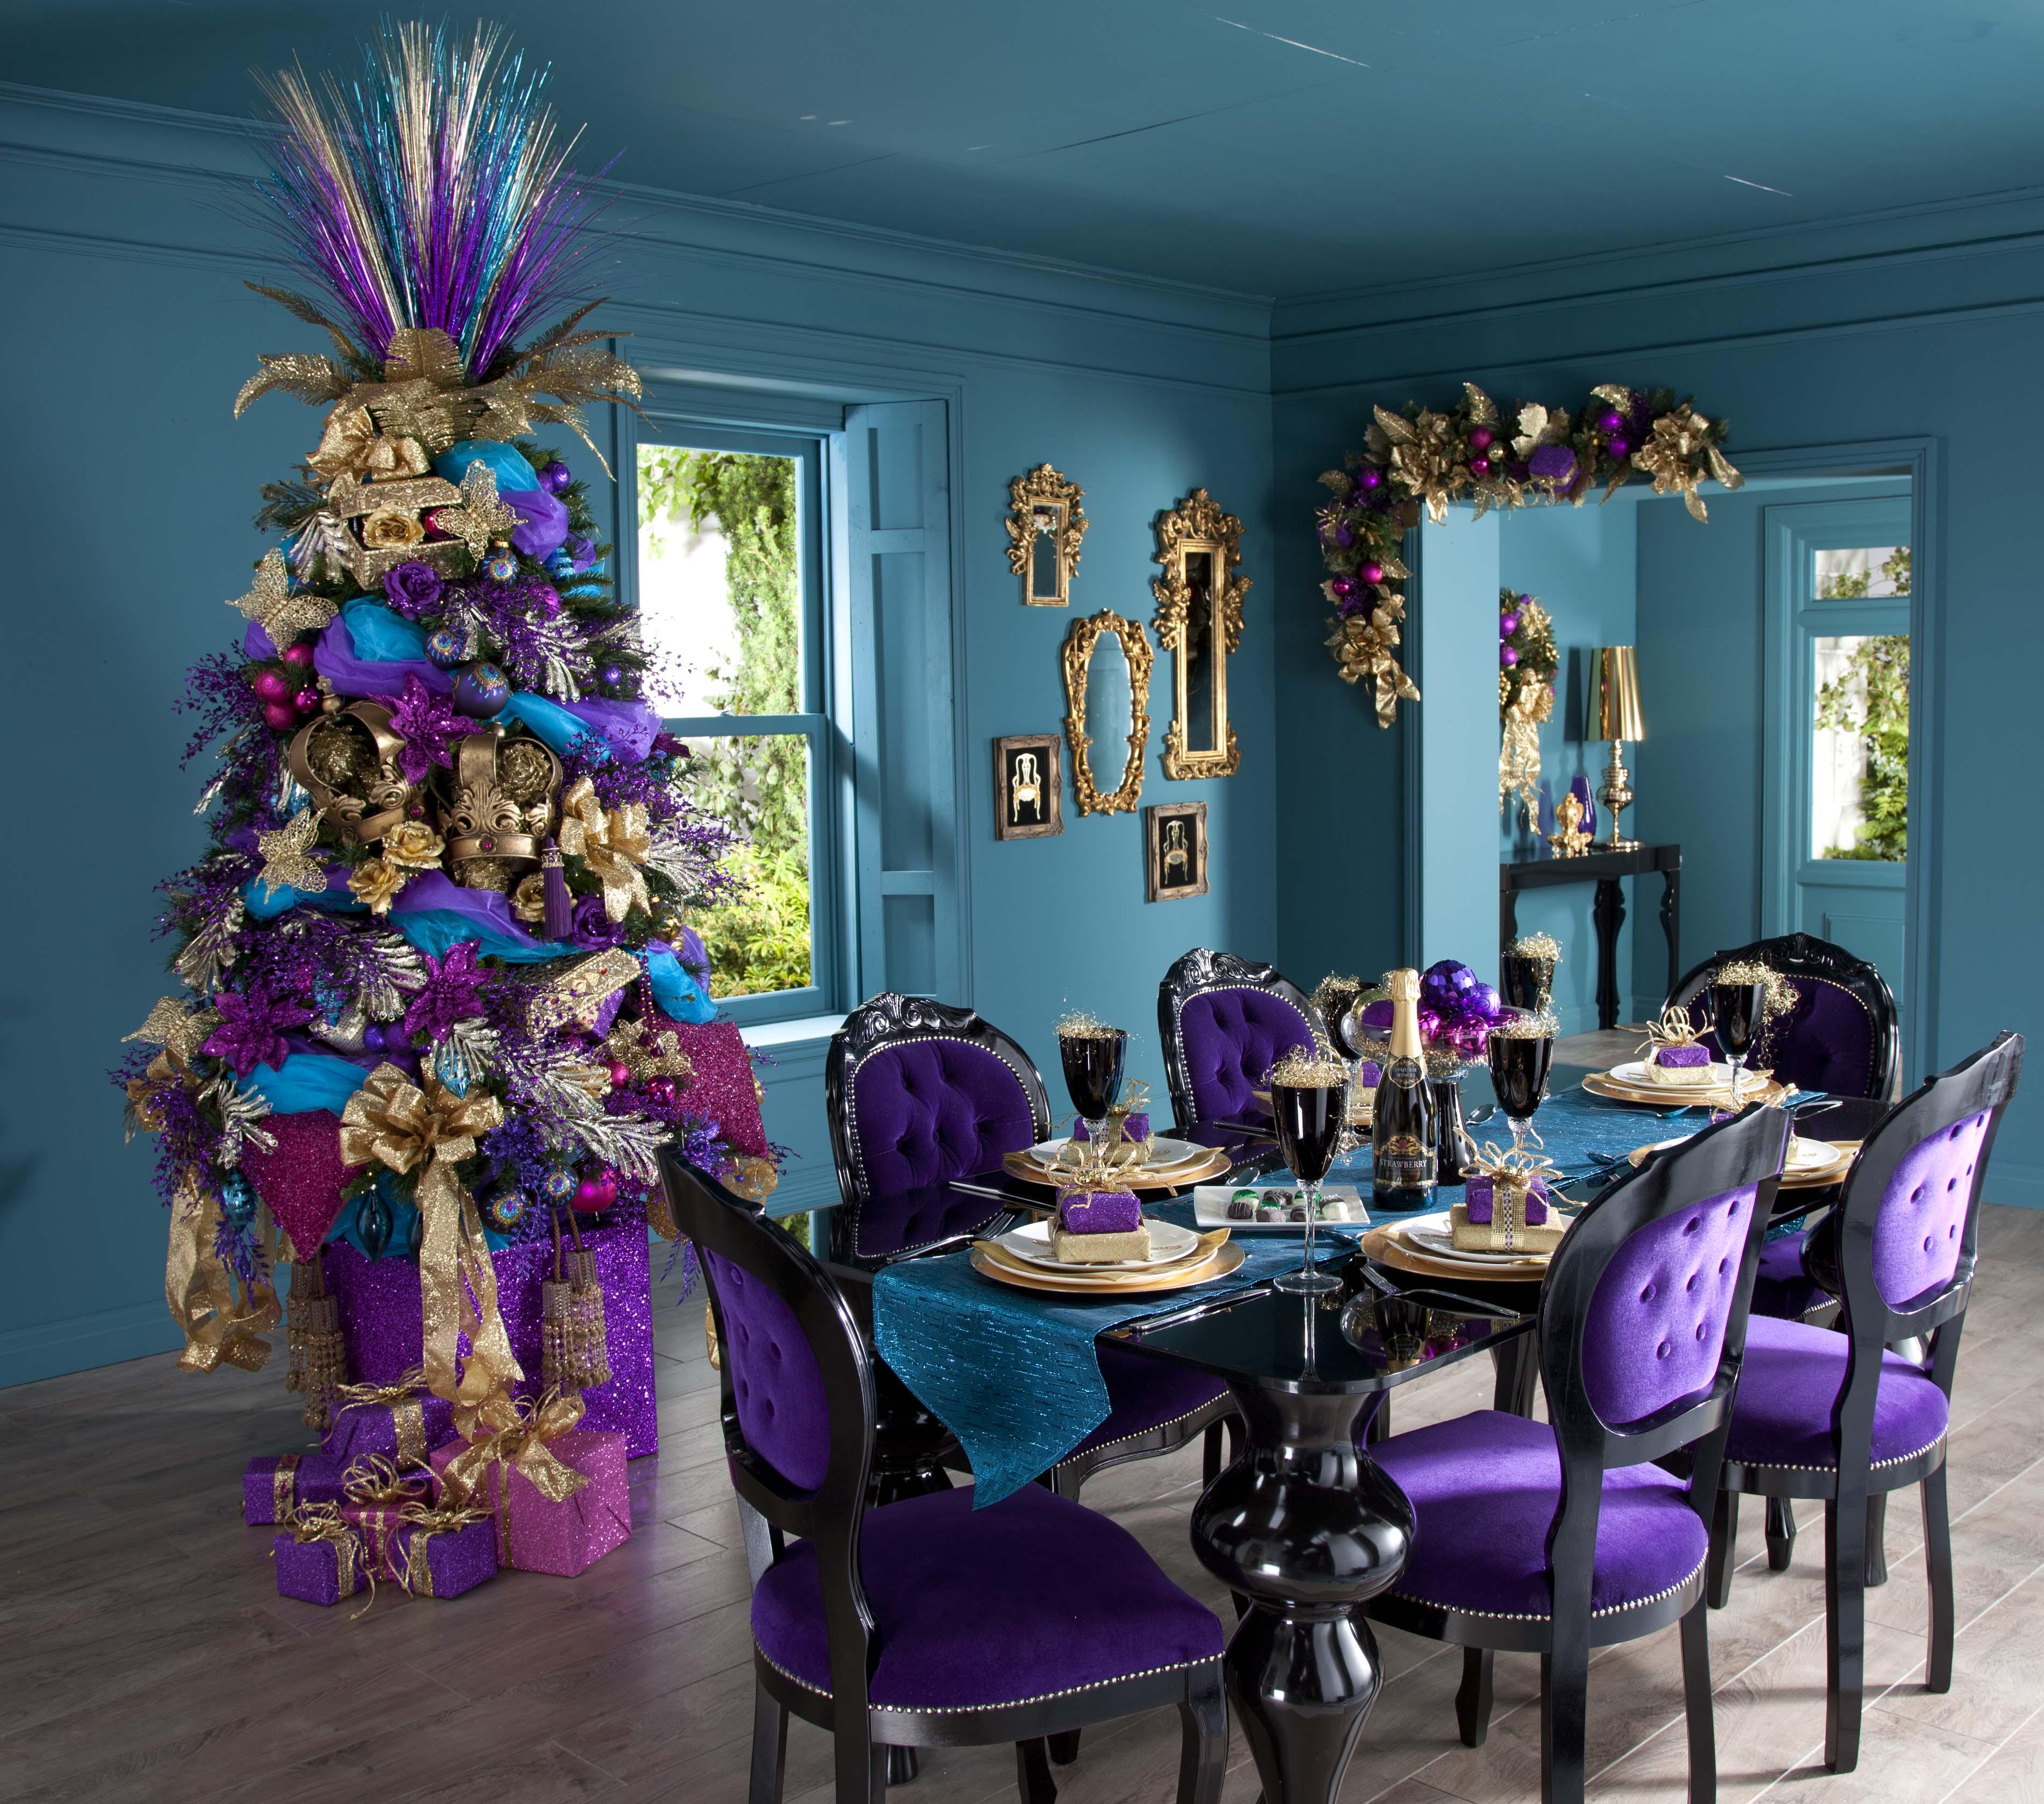 #69377B Déco De Table Pour Noel Violet Décor De Noël Blog  6205 decoration de table de noel turquoise 3804x3358 px @ aertt.com